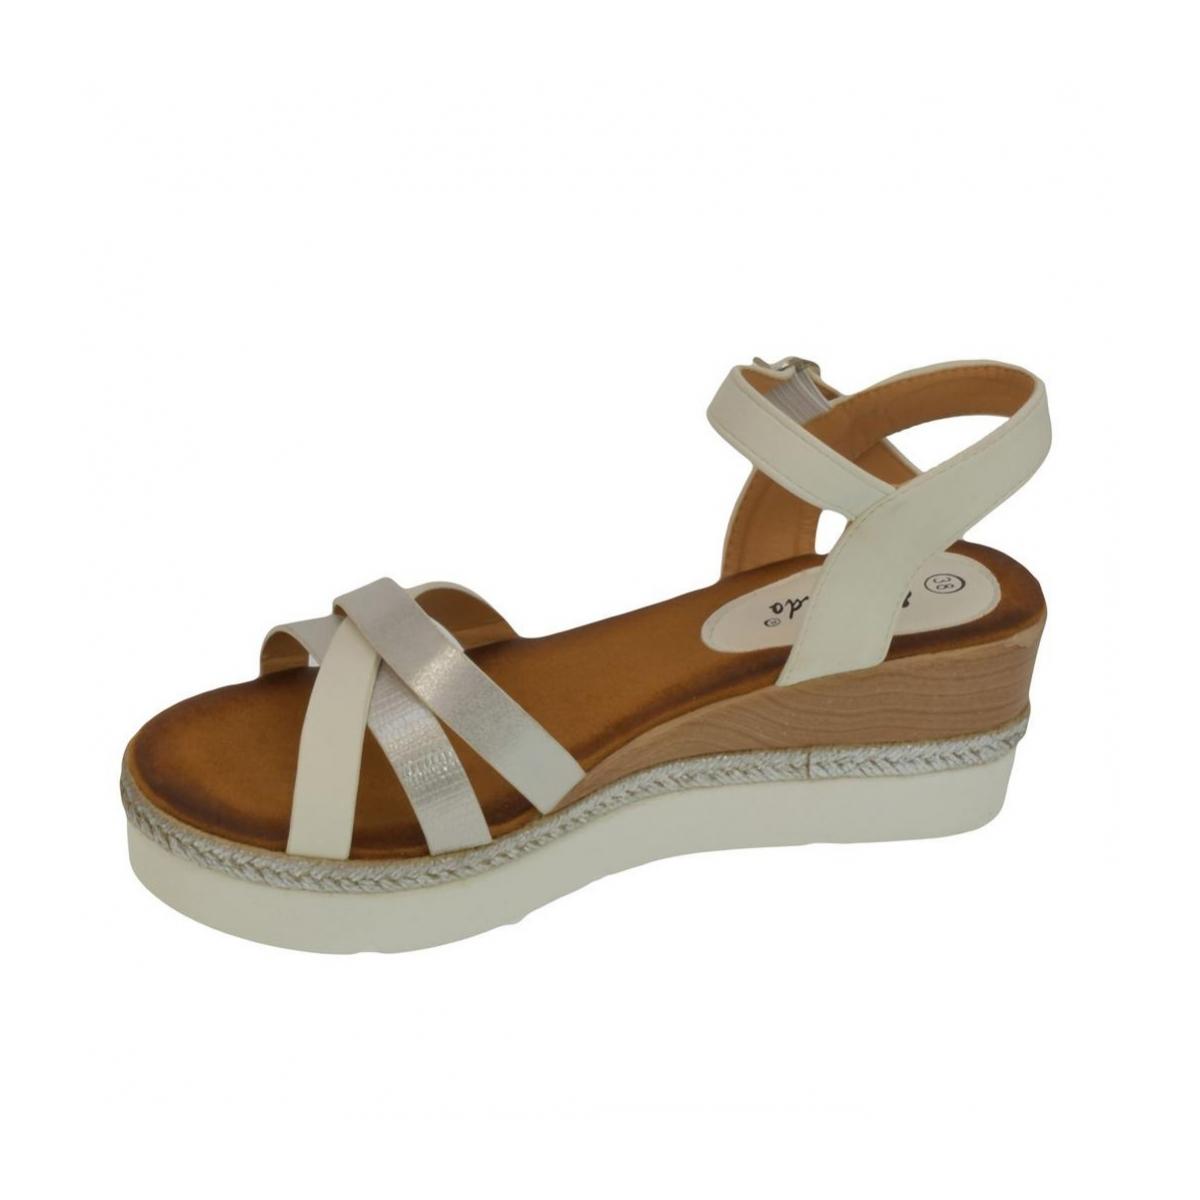 94bead69d687 Dámske biele sandále RILLA - 2